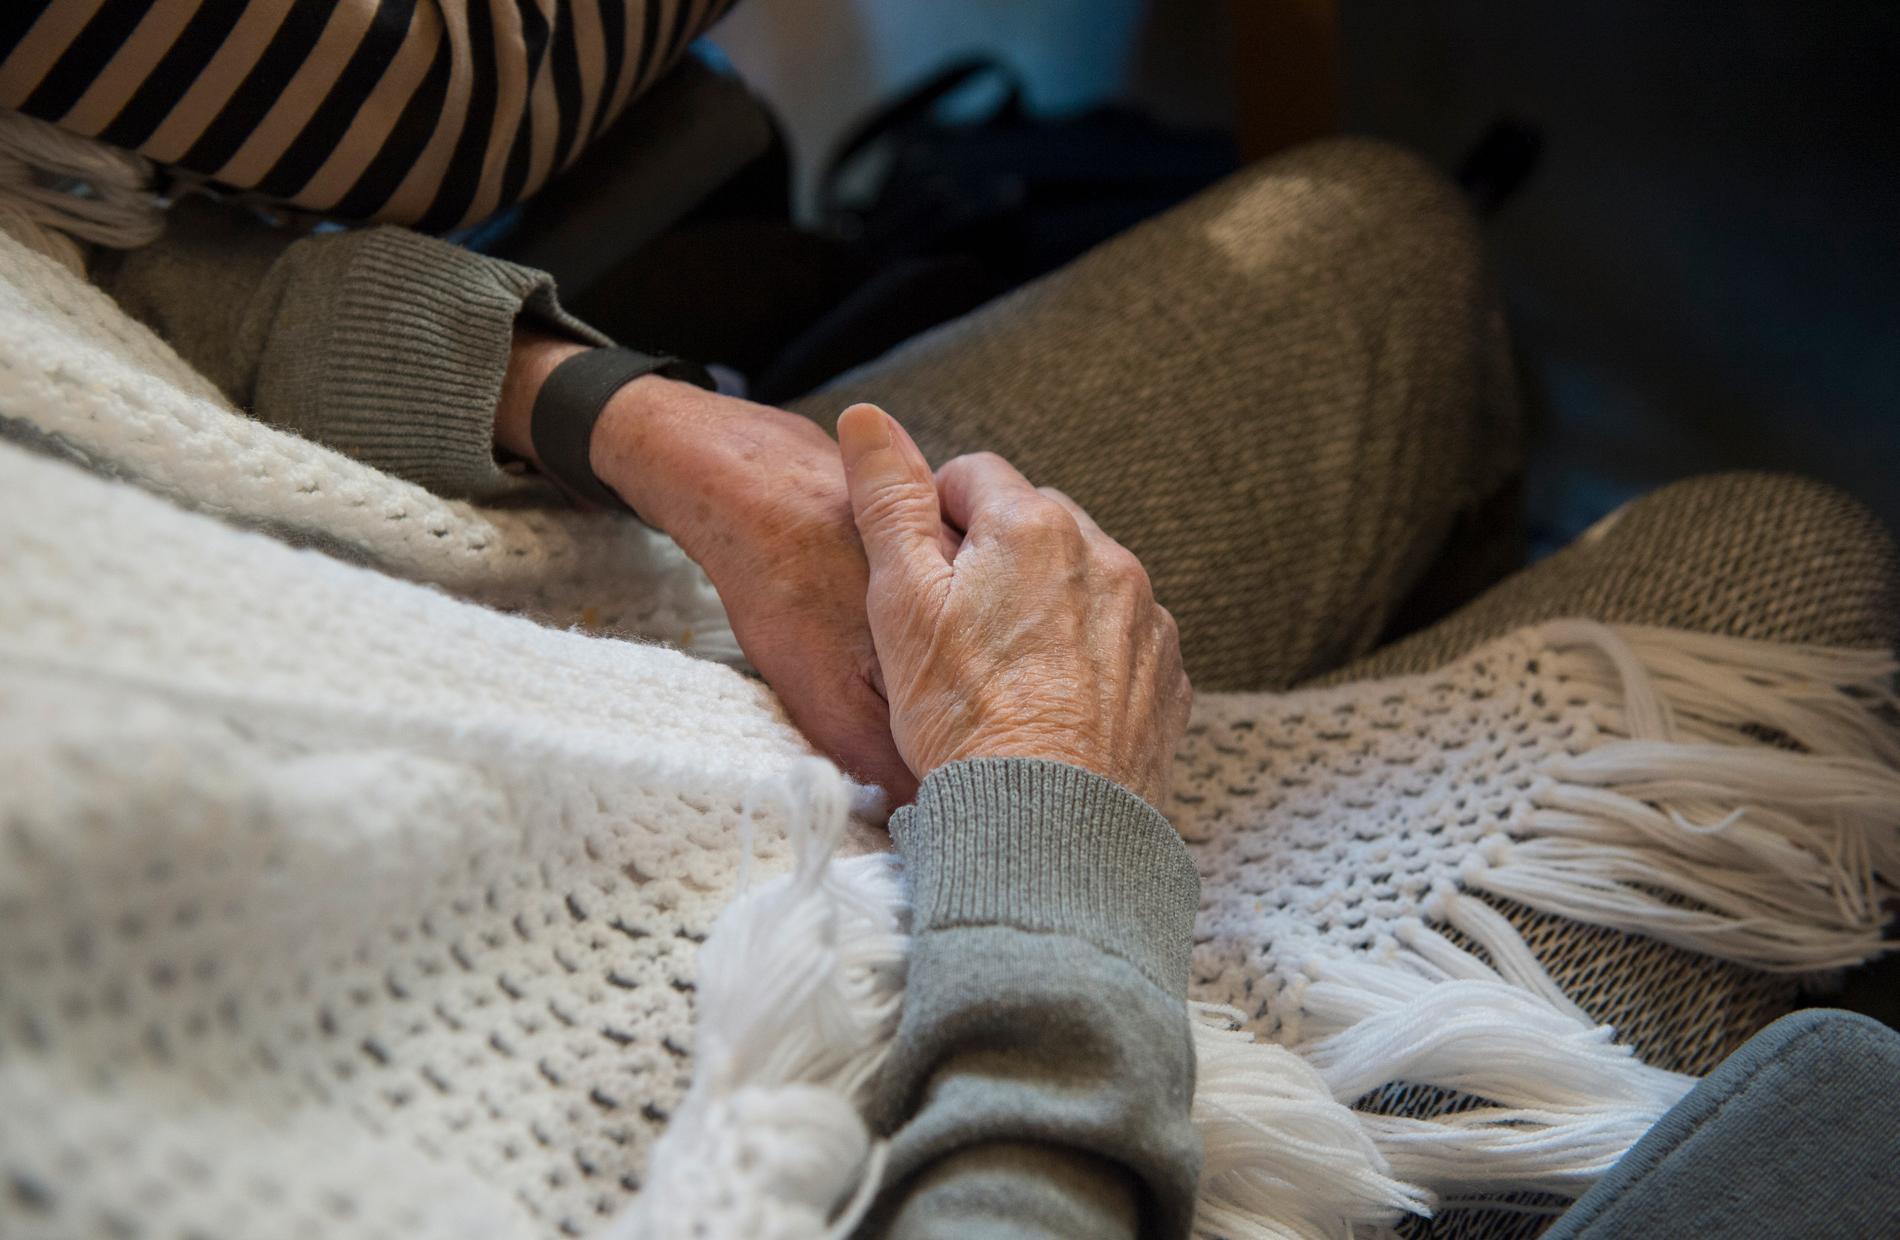 Sverige har kommit längre i privatiseringar inom äldreomsorg än sina nordiska grannar.